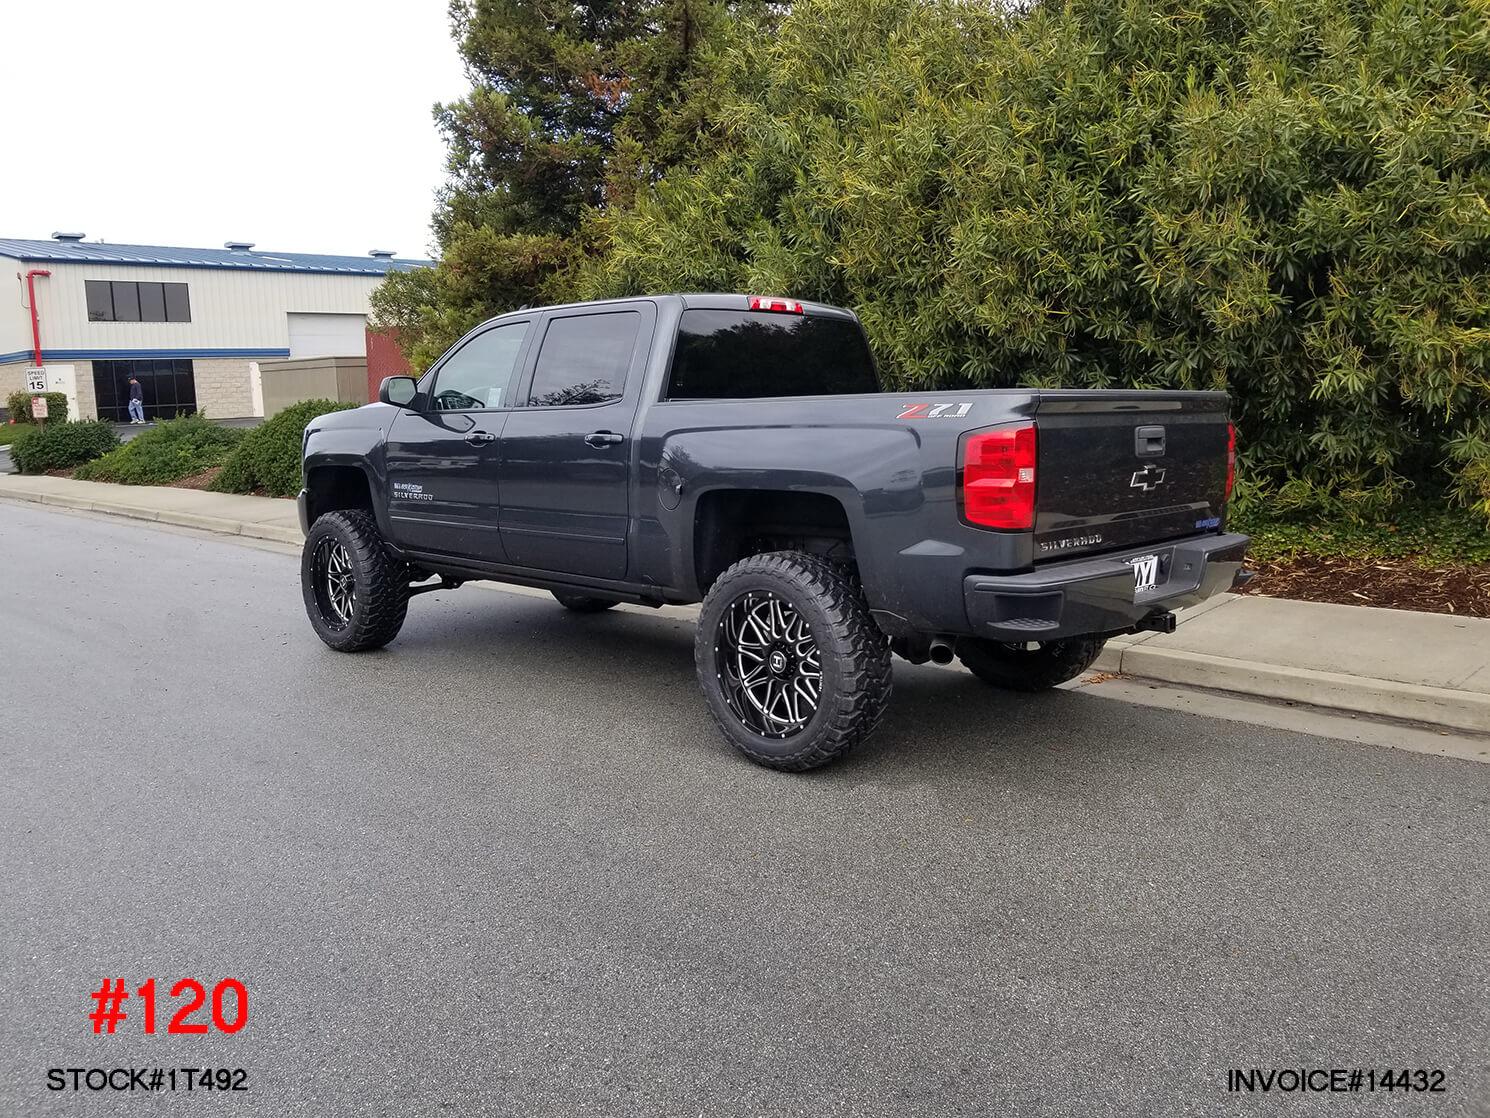 2018 CHEVY 1500 CREW CAB #1T492